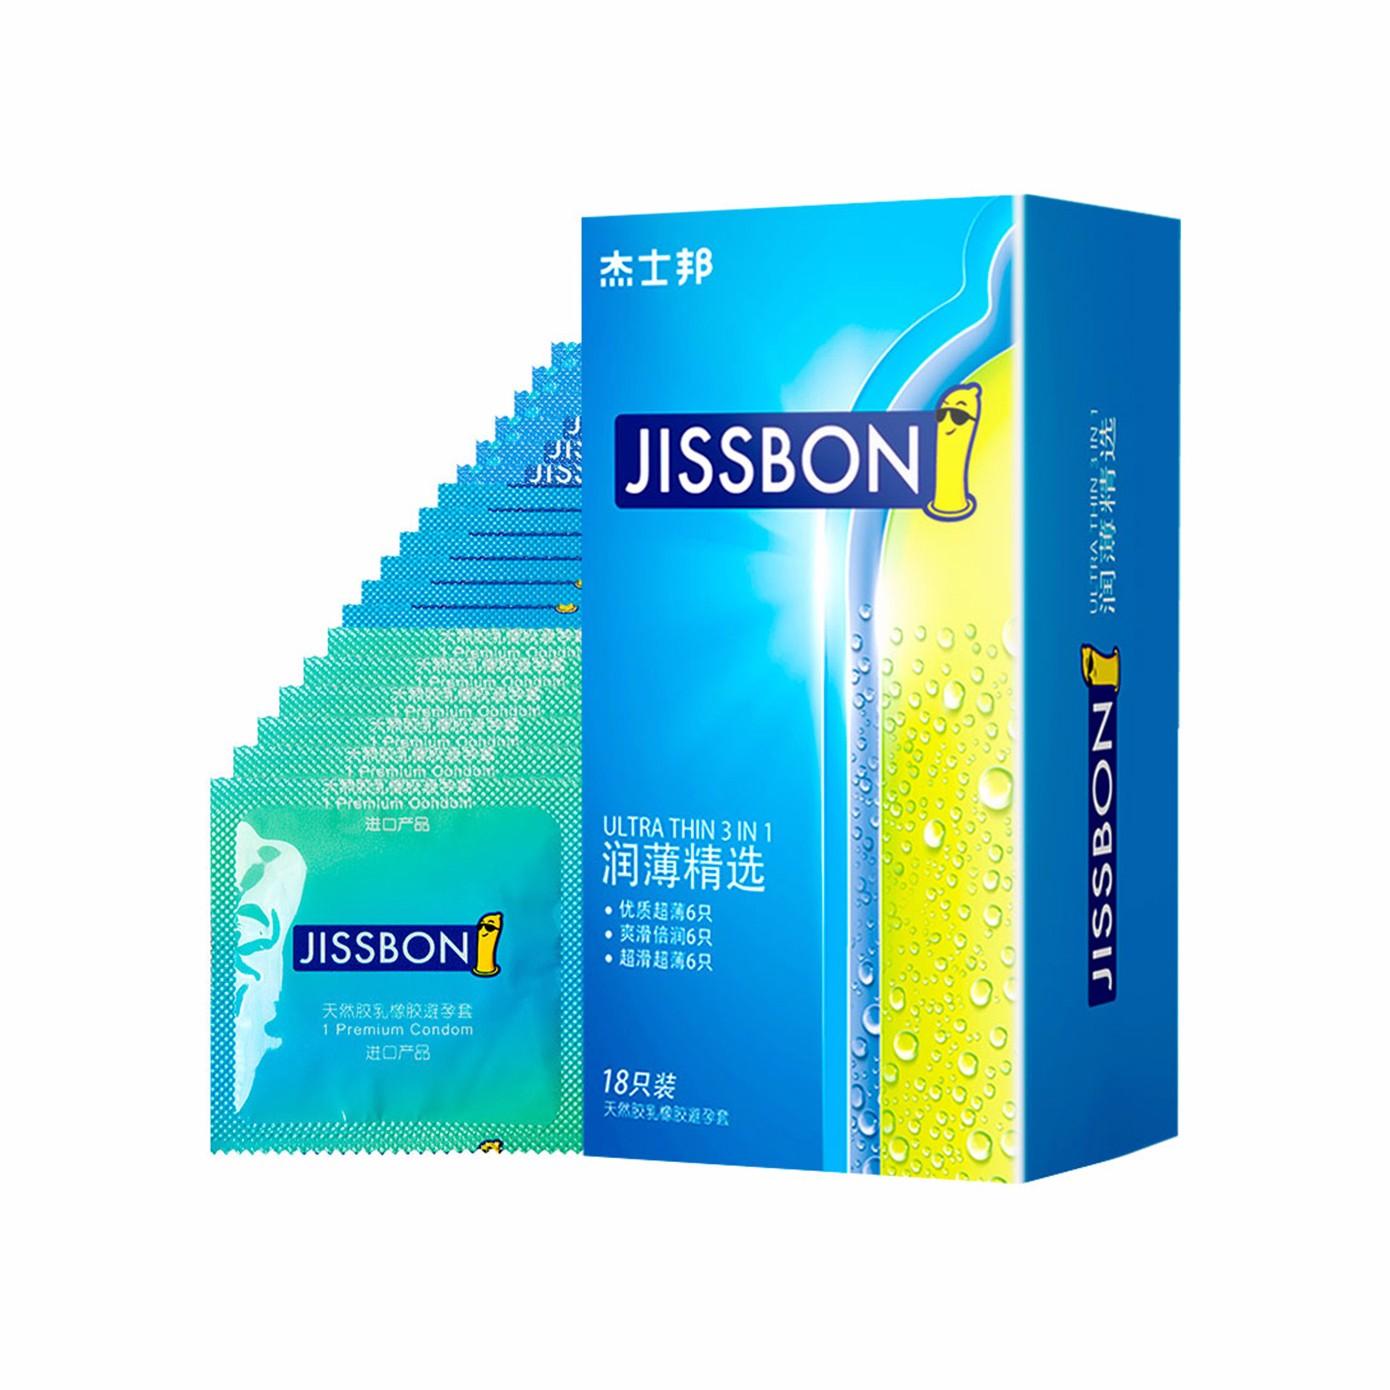 杰士邦 润薄精选18只装避孕套 更超薄更润滑